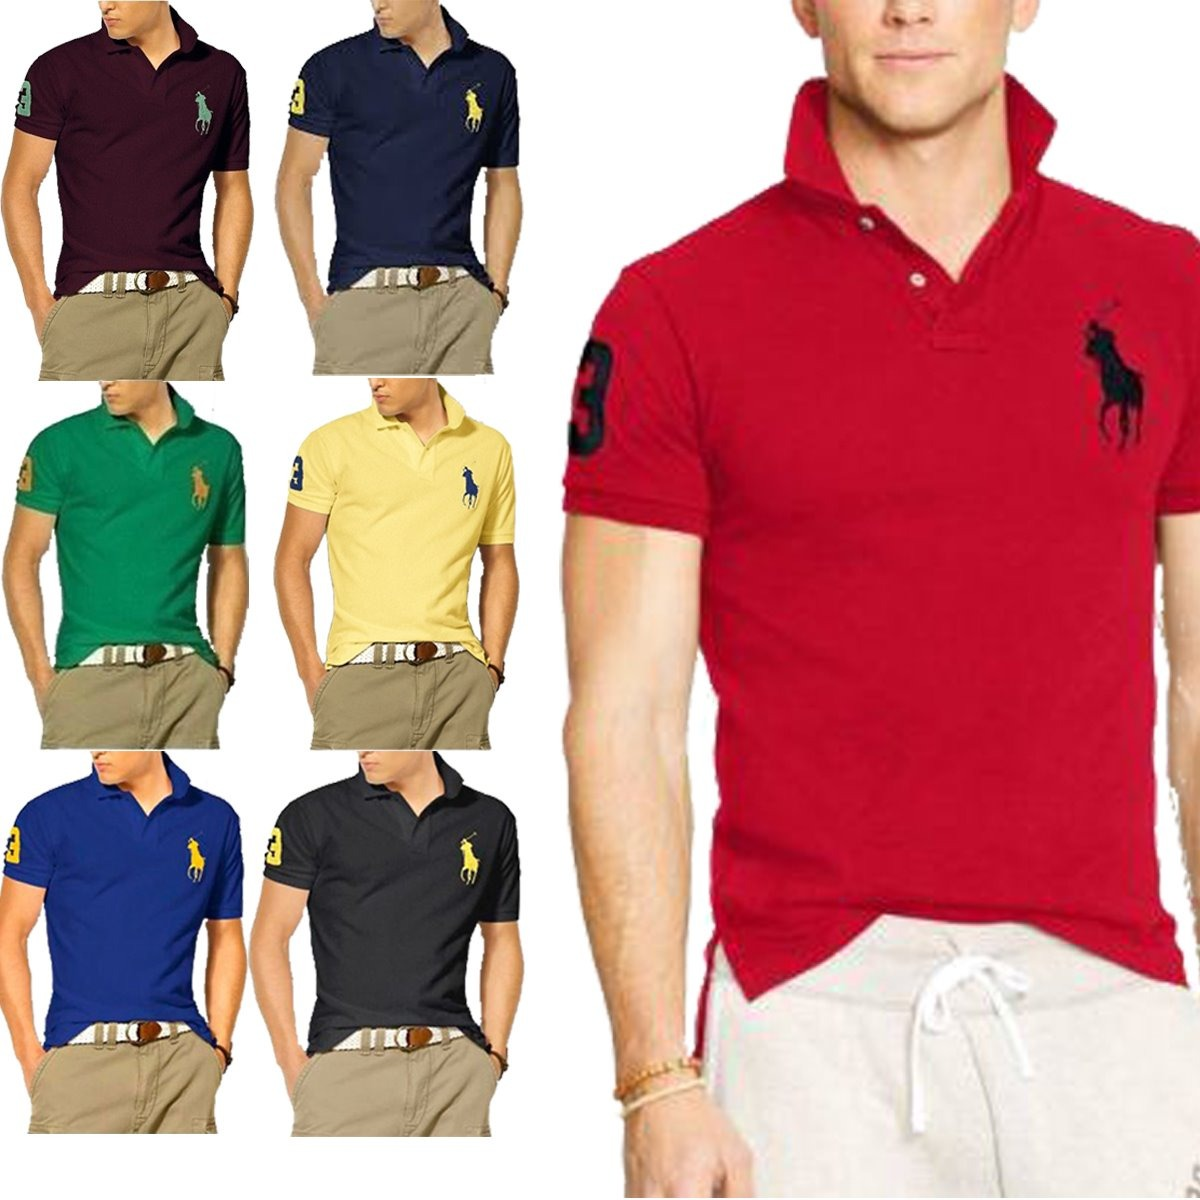 Kit C 10 Camisas Camisetas Atacado Gola Polo Masculina Marca - R ... 4c44a1dd95a51